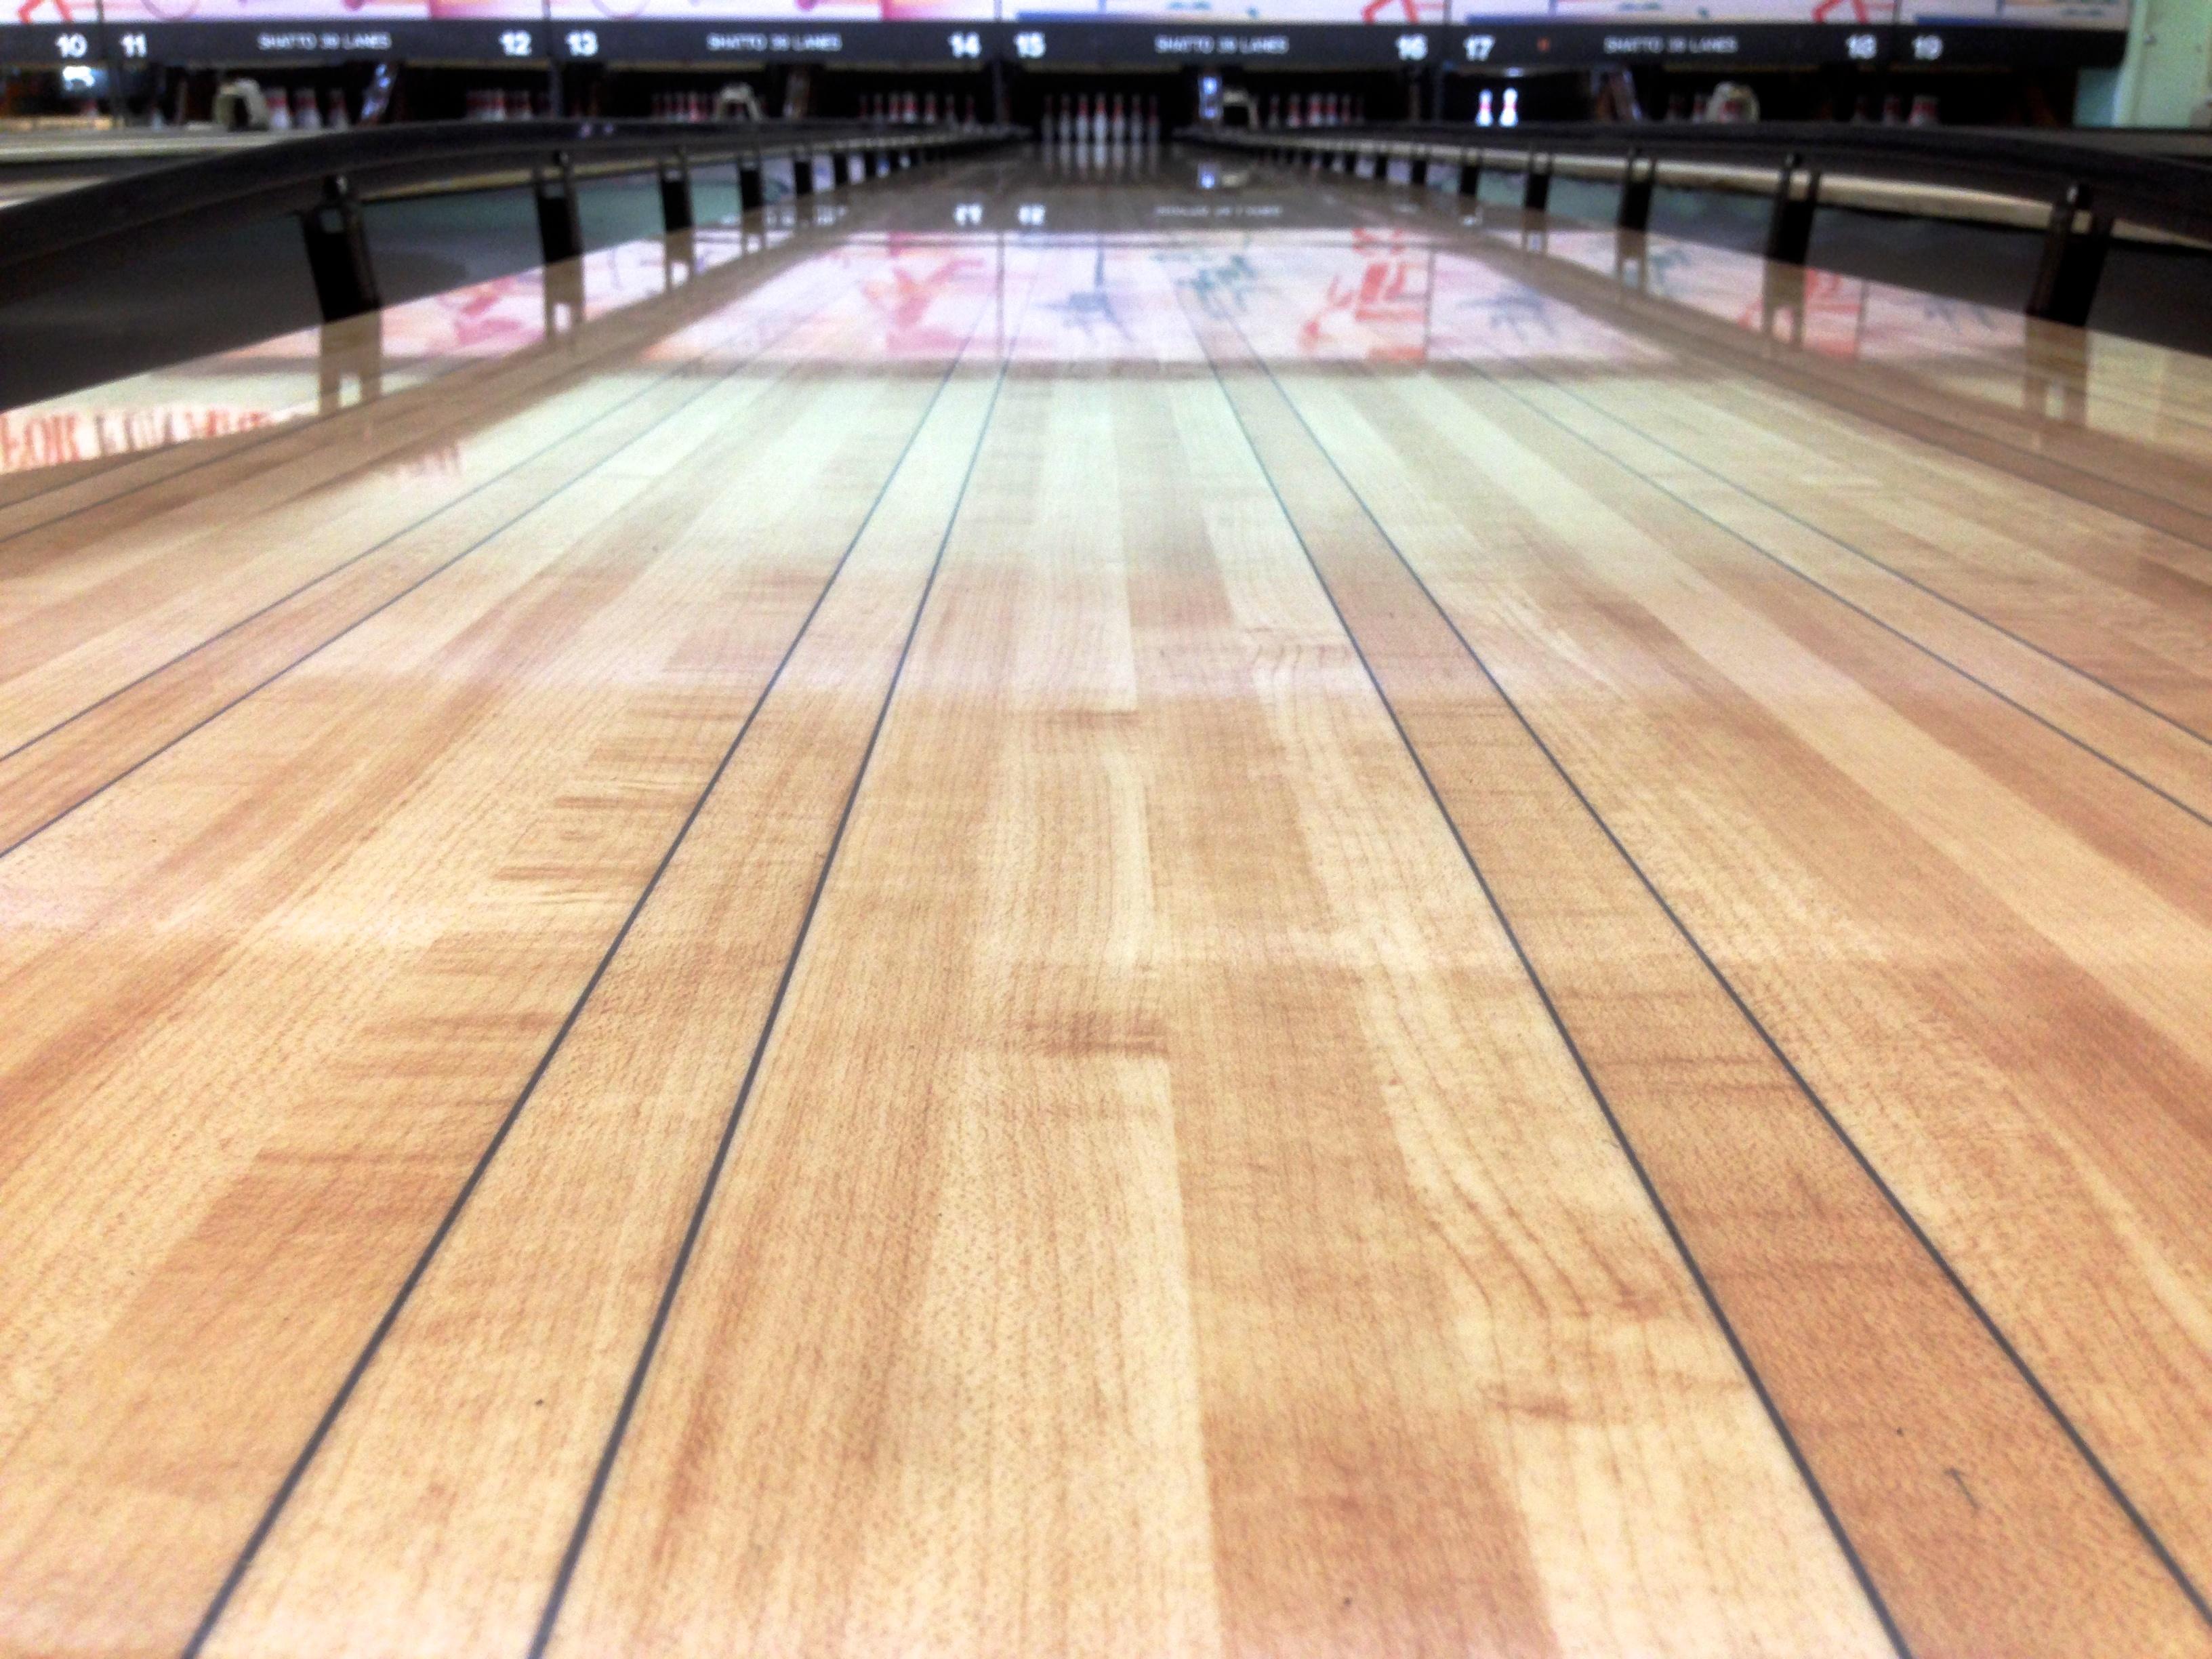 무료 이미지 : 구조, 목재, 스포츠, 견목, 나무 바닥, 라미네이트 ...